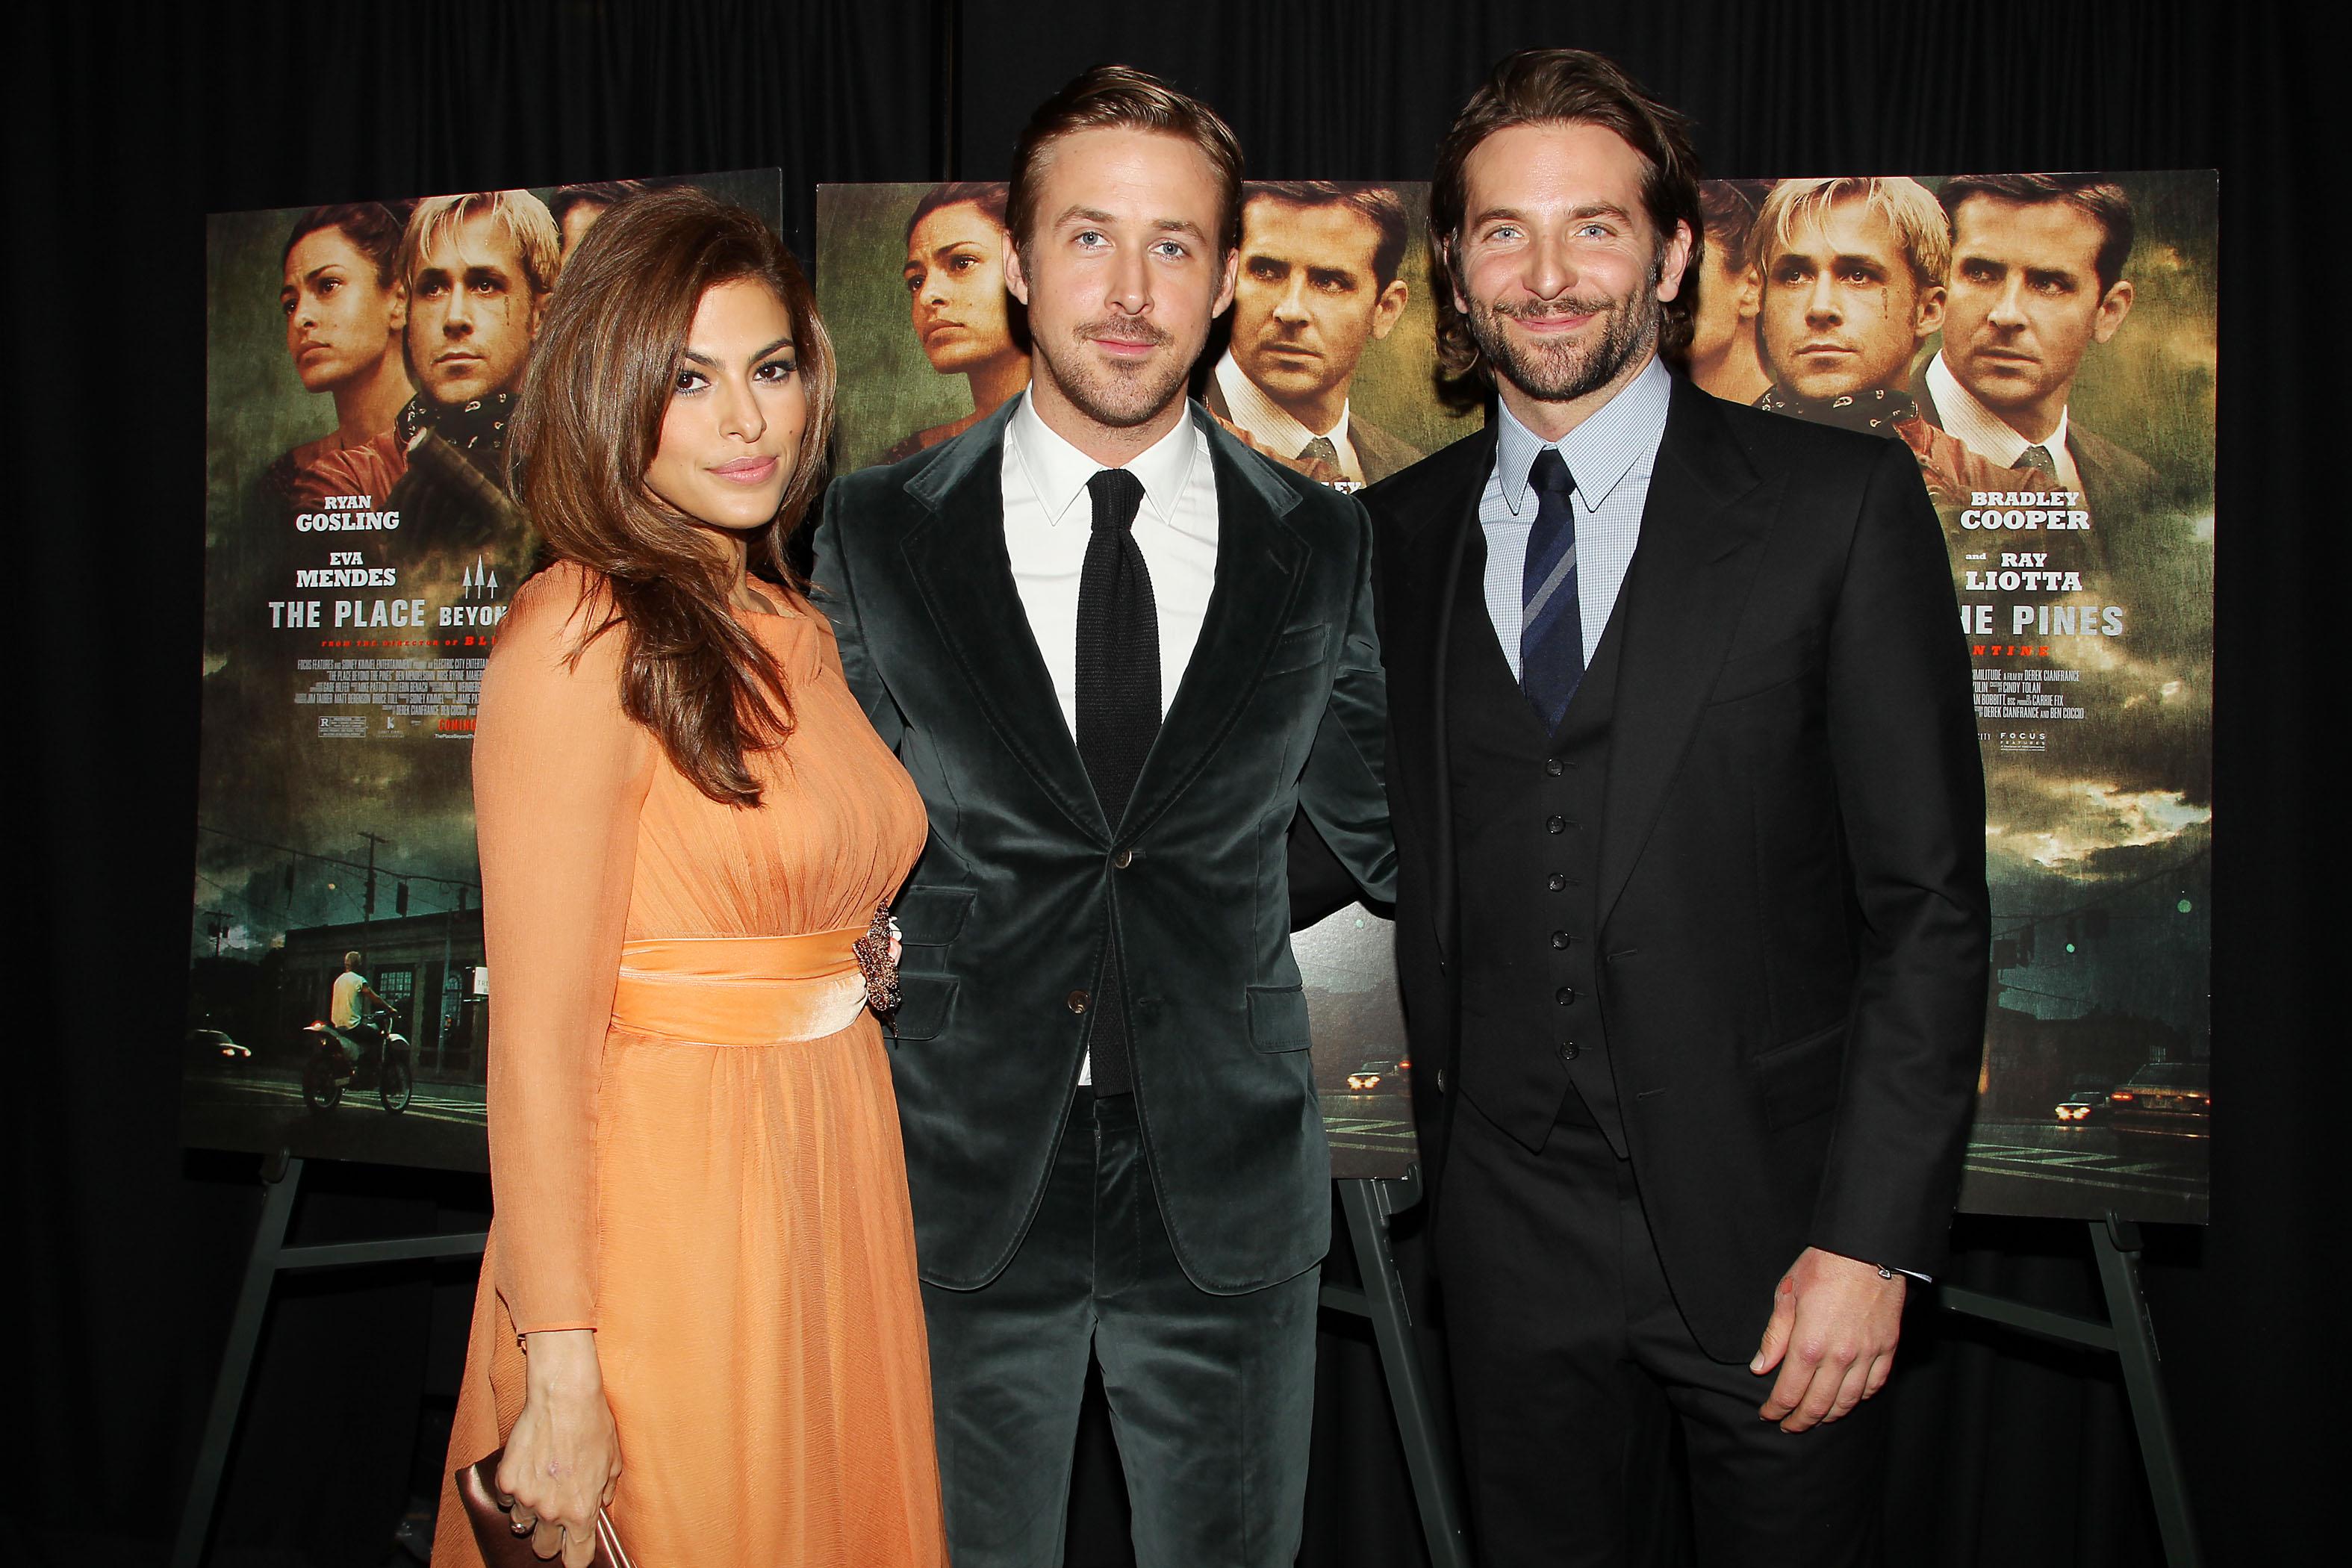 Eva Mendes, Ryan Gosling, Bradley Cooper, Míralos